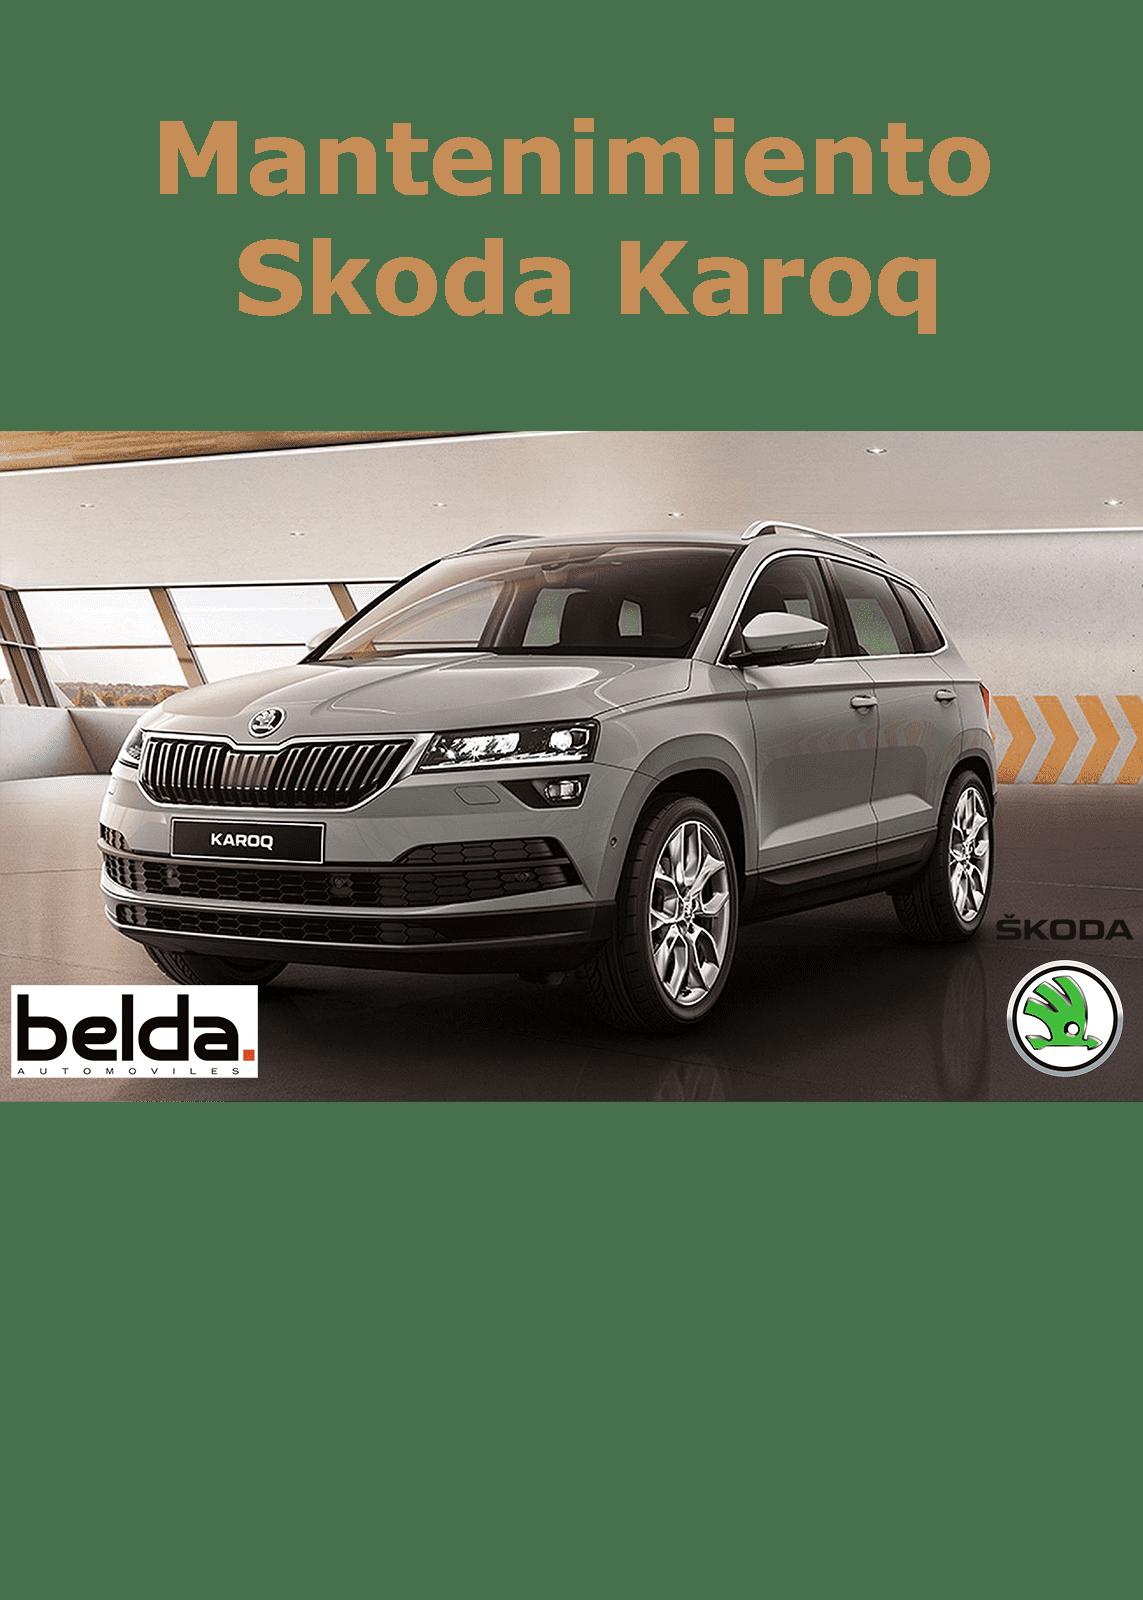 Todo lo que debes saber para realizar el mantenimiento del Skoda Karoq